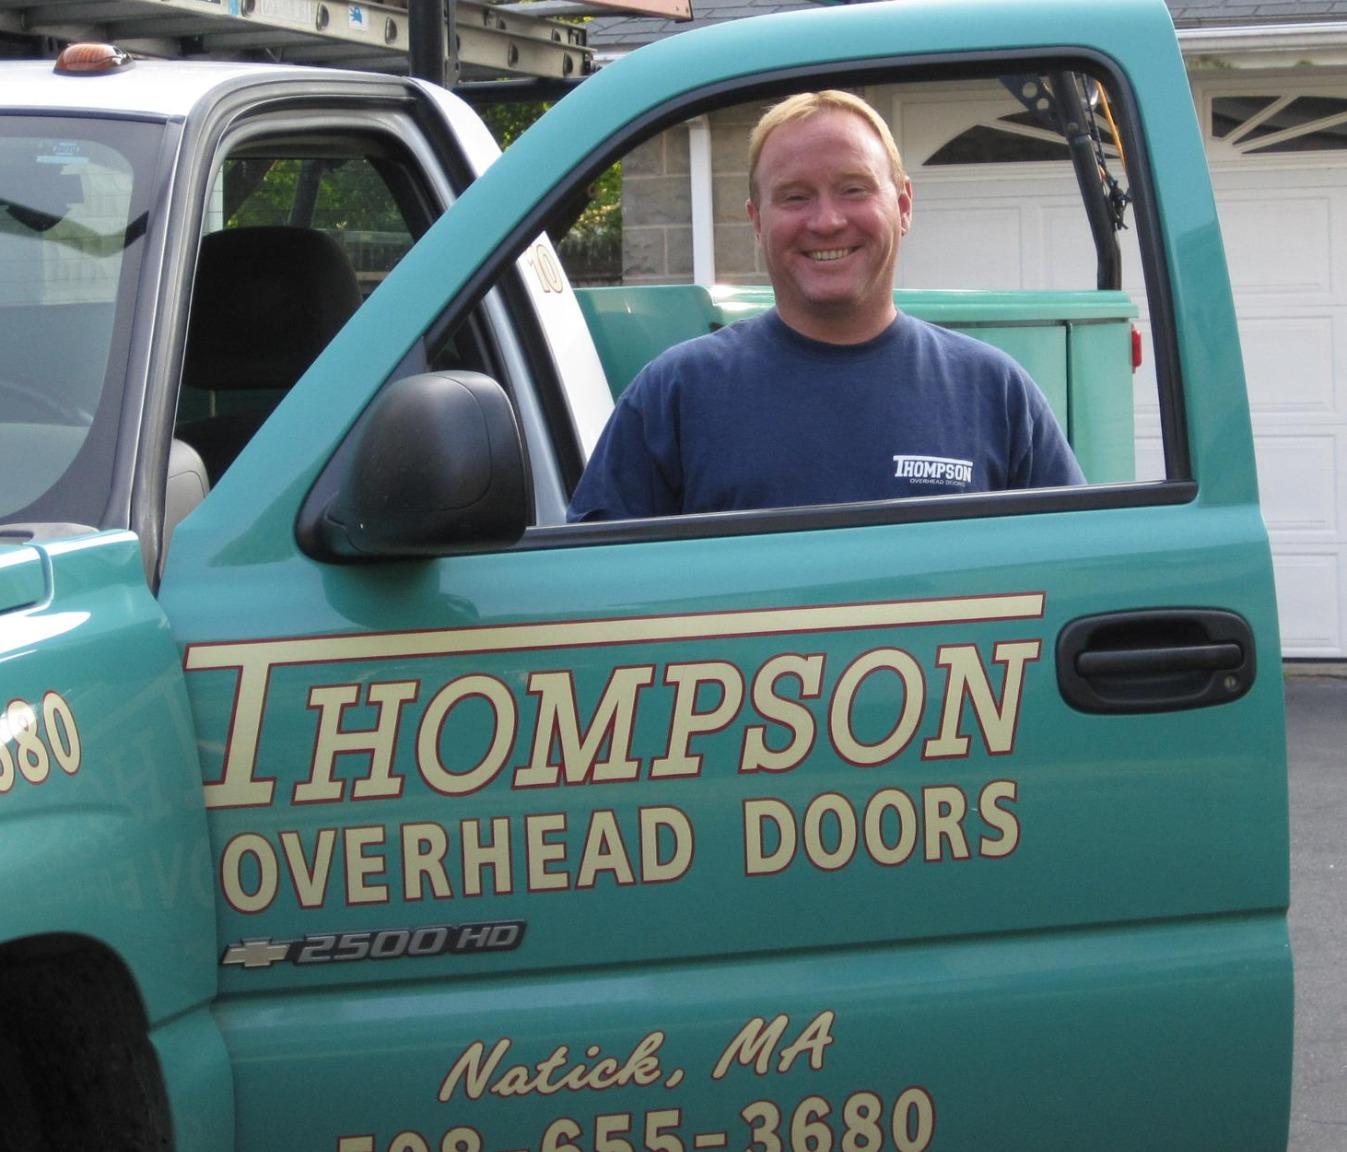 Thompsonoverhead